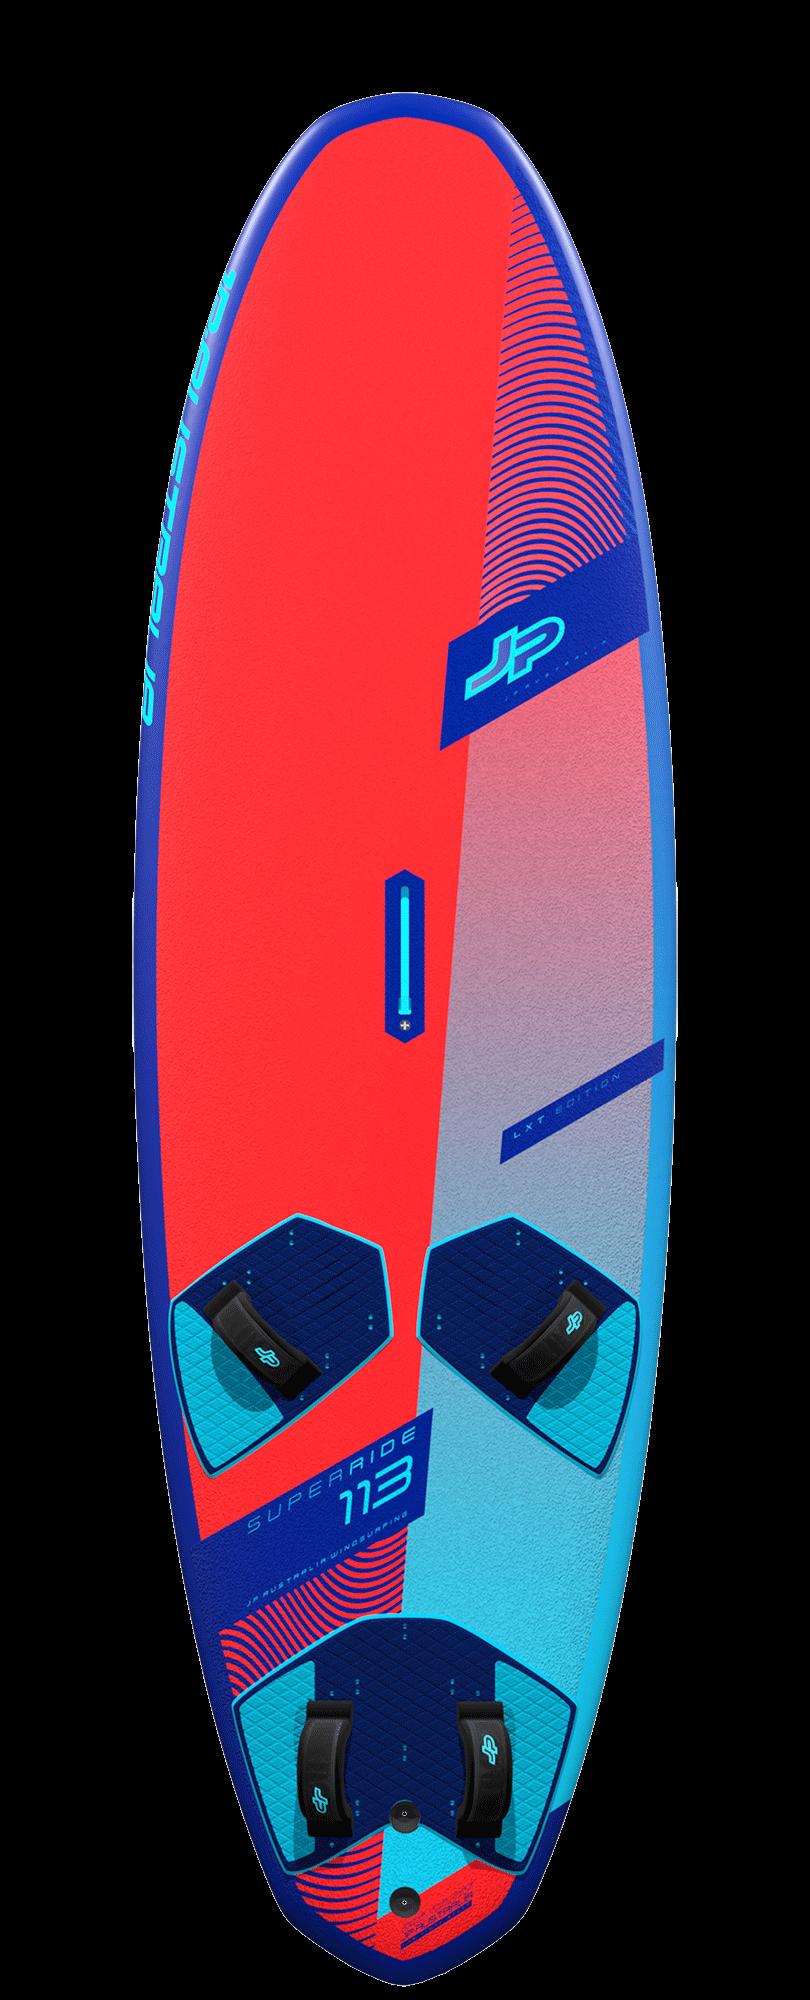 JP Super Ride LXT 2021